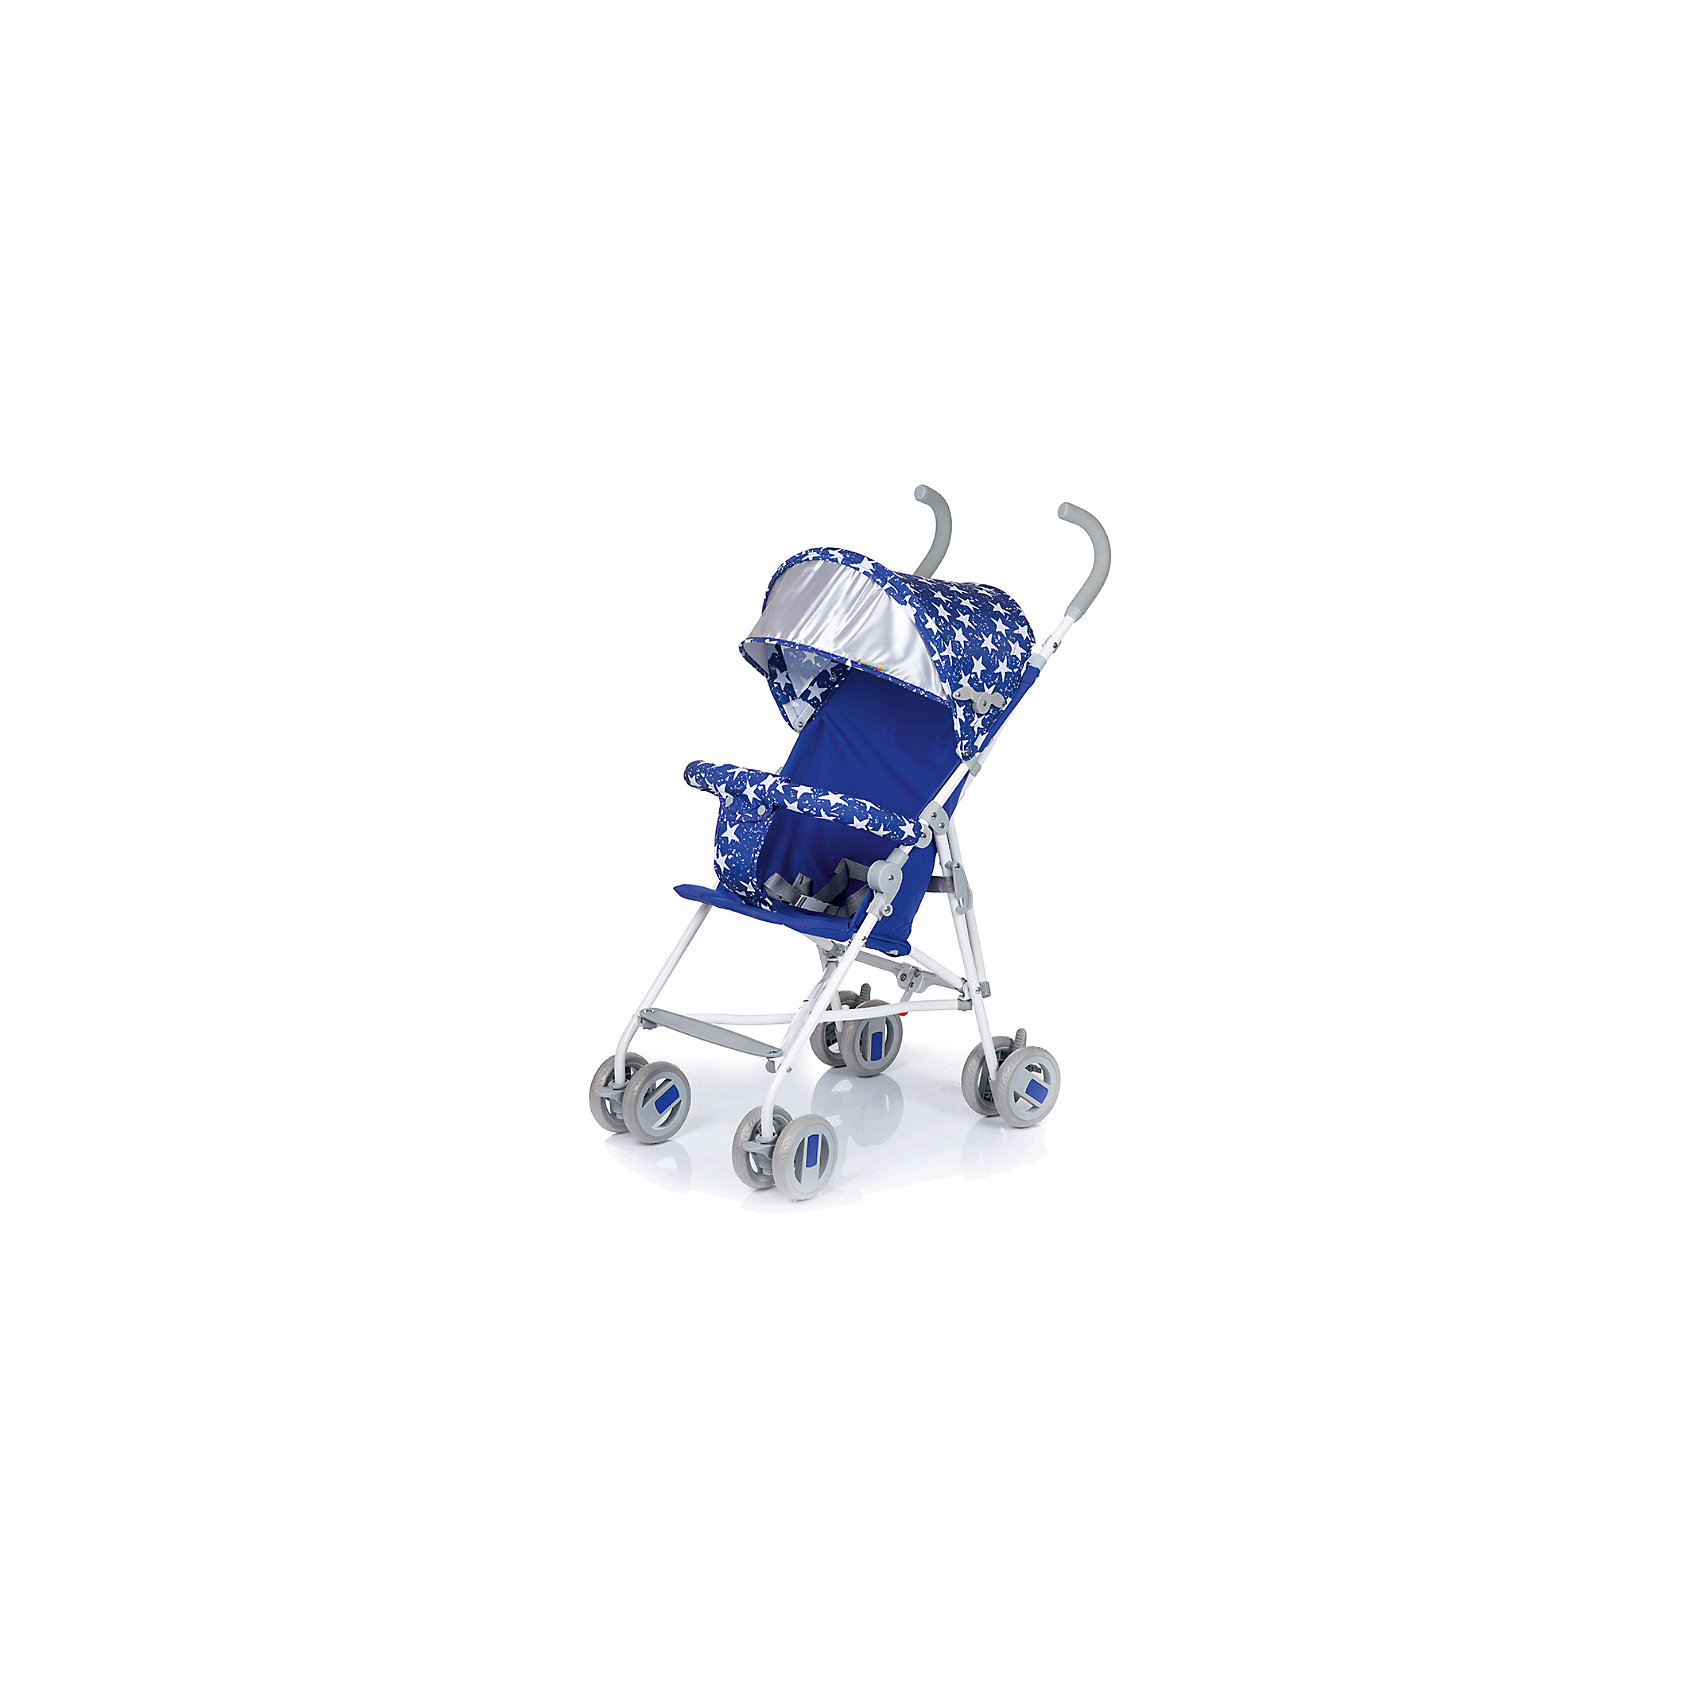 Коляска-трость BabyHit WEENY Звезды, синийКоляски-трости<br>Характеристики коляски:<br><br>• защитный бампер с мягким разделителем;<br>• защитный поясной ремень;<br>• капюшон оснащен широким солнцезащитным козырьком;<br>• малыш может поставить ножки на пластиковую подножку;<br>• сдвоенные колеса на передней и задней оси;<br>• передние «плавающие» колеса с фиксаторами;<br>• ножной тормоз;<br>• высота спинки: 46 см;<br>• диаметр колес: 12,7 см;<br>• тип складывания коляски: трость.<br><br>Обратите внимание: <br>• спинка и подножка коляски не регулируется;<br>• коляска без корзины для покупок.<br><br>Размер коляски: 75х45х93 см<br>Вес коляски: 4,1 кг<br>Размер коляски в сложенном виде: 109х29,5х27,5 см<br>Размер упаковки: 105х41х29 см<br>Вес в упаковке: 4,5 кг<br><br>Легкая и маневренная коляска-трость отлично подходит для путешествий с маленьким ребенком, не занимает много места в багажнике автомобиля, быстро складывается и раскладывается. Ребенок не соскользнет вниз благодаря защитному поручню с паховым ограничителем. Сдвоенные колеса можно зафиксировать, когда коляска едет по песку или гальке. Коляска оснащена тормозами на задних колесах. <br><br>Коляску-трость WEENY, Babyhit можно купить в нашем интернет-магазине.<br><br>Ширина мм: 1050<br>Глубина мм: 290<br>Высота мм: 410<br>Вес г: 4625<br>Возраст от месяцев: 7<br>Возраст до месяцев: 36<br>Пол: Унисекс<br>Возраст: Детский<br>SKU: 6668596